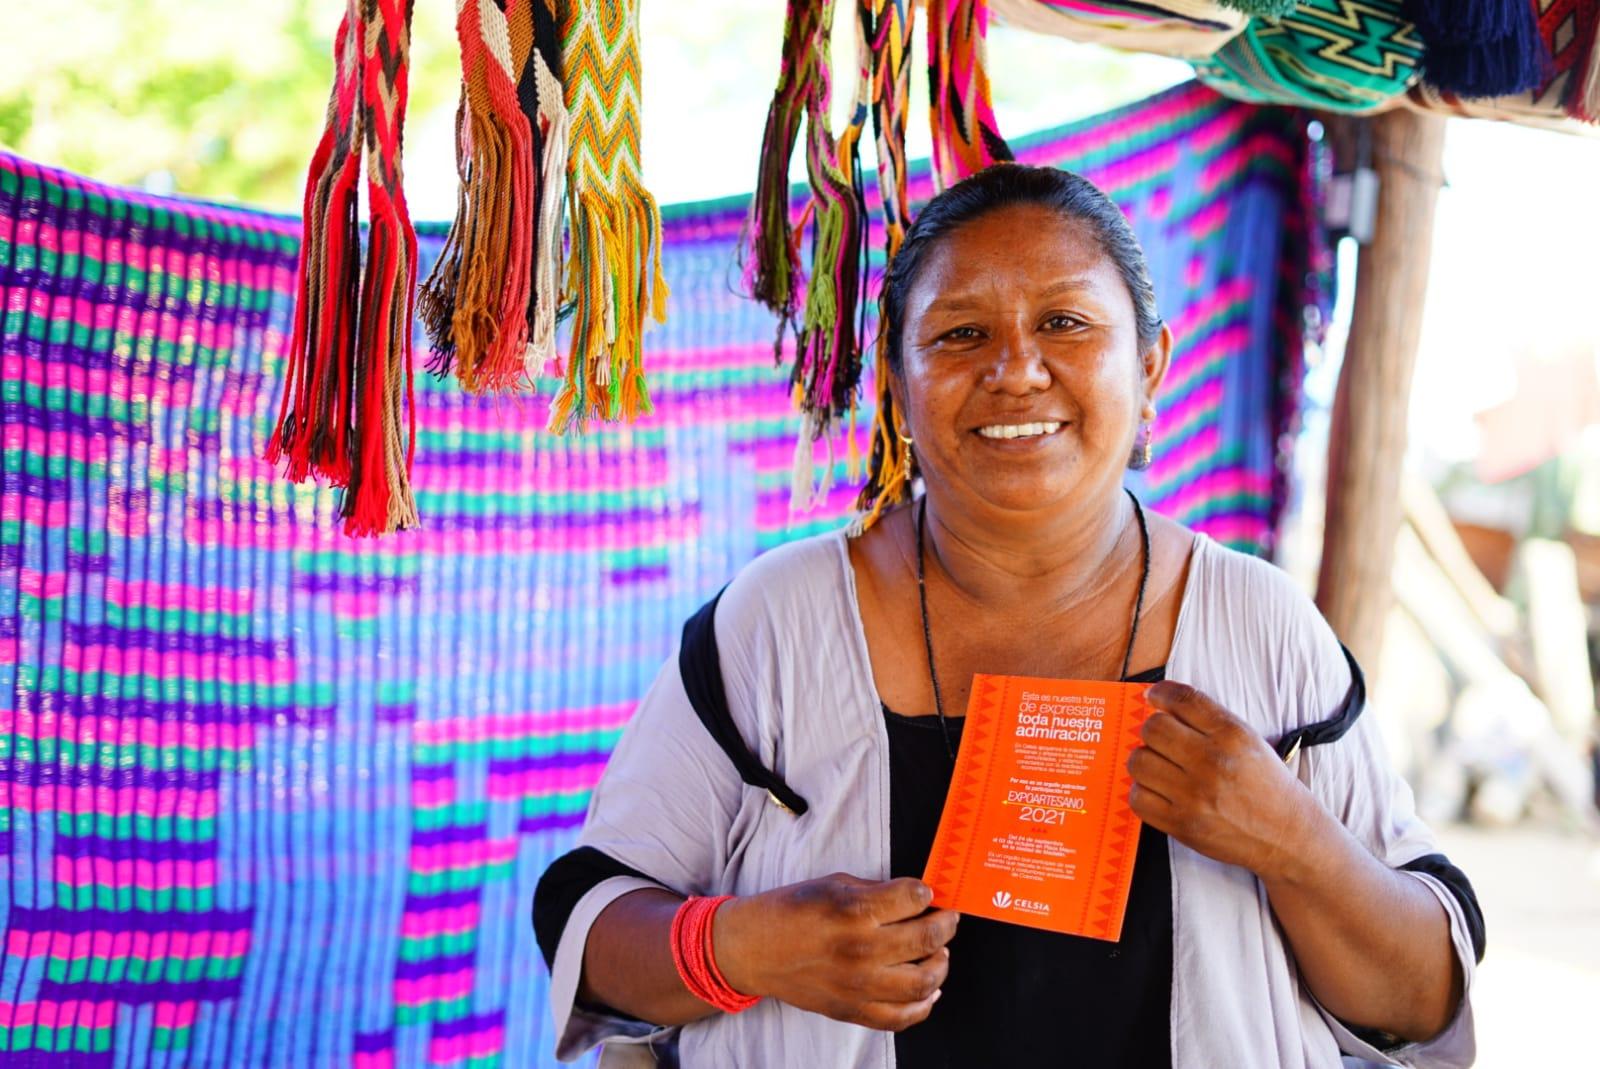 Cinco artesanos de Tolima, Valle y La Guajira participan, con el apoyo de Celsia, en la feria Expoartesano La Memoria que arrancó en Medellín